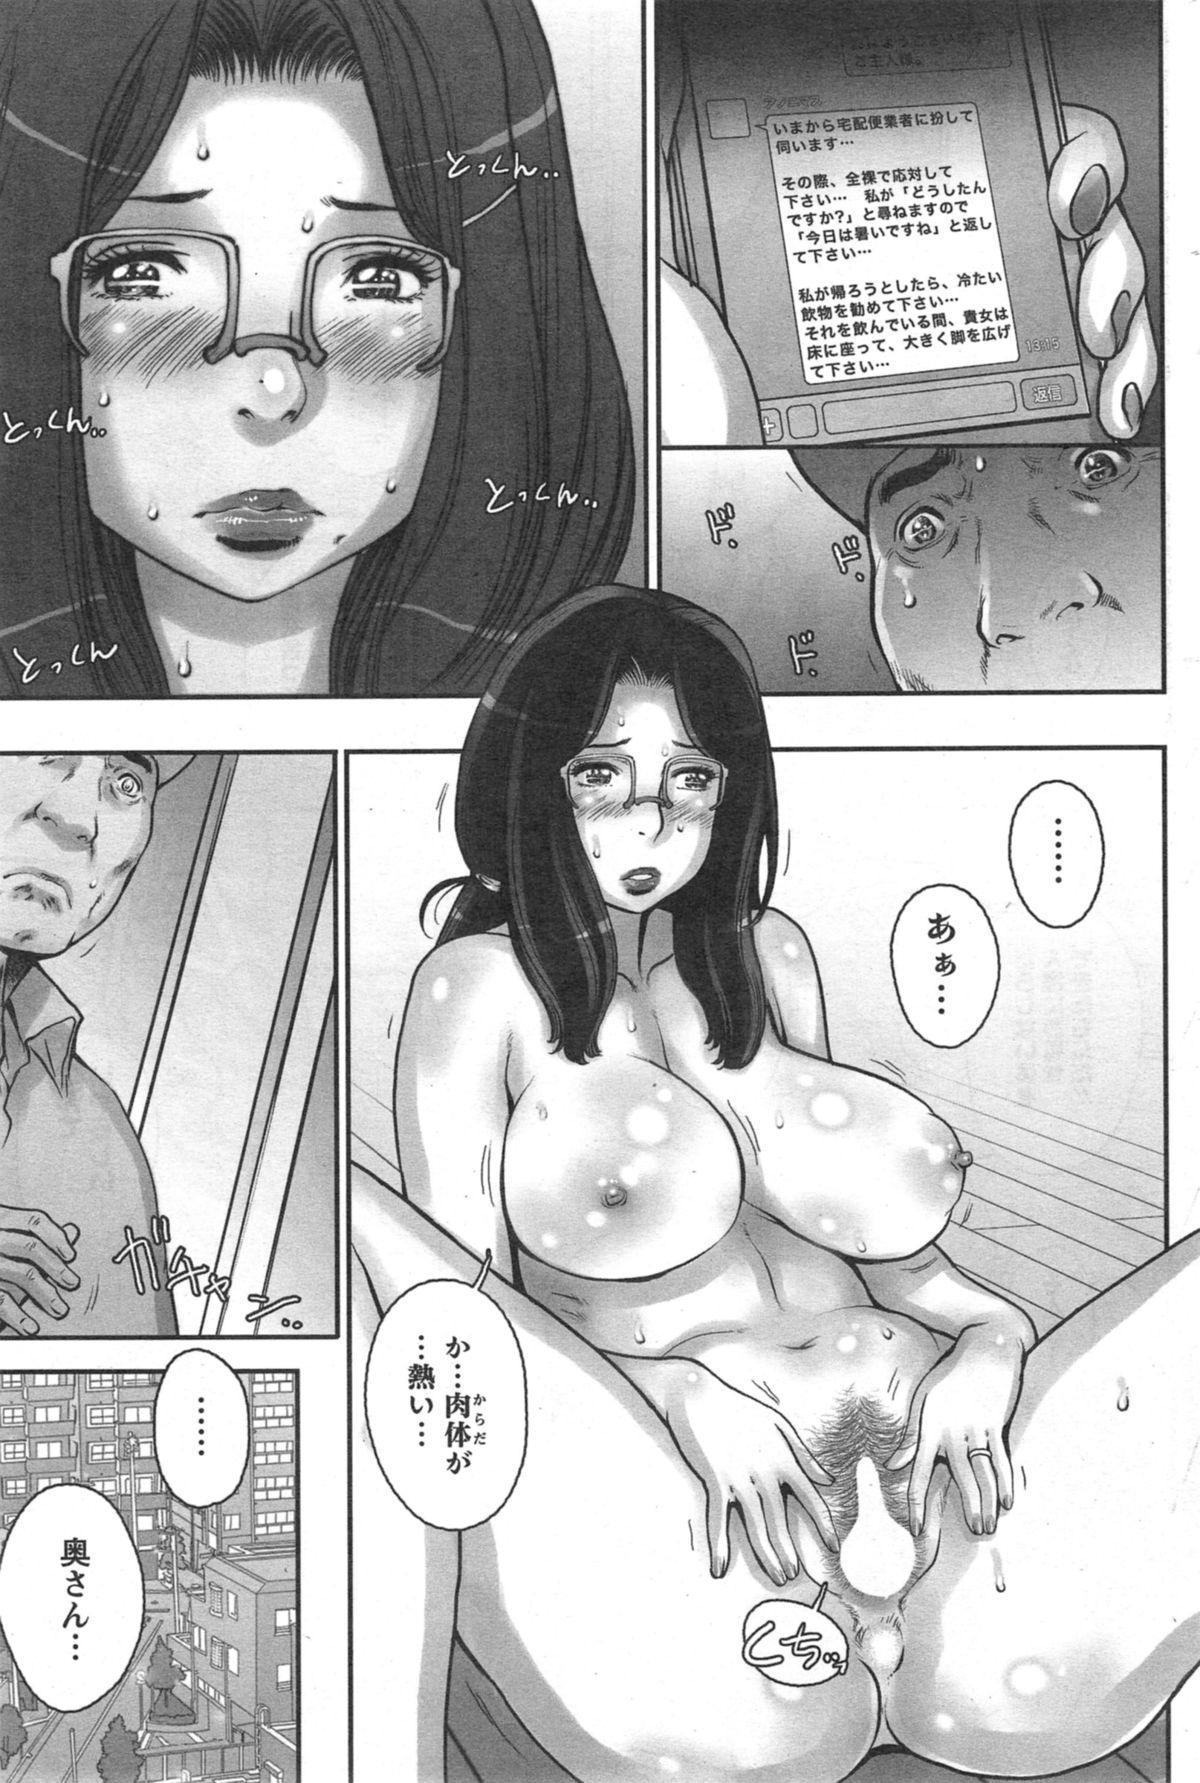 Ōse no mama ni Ch.3 8